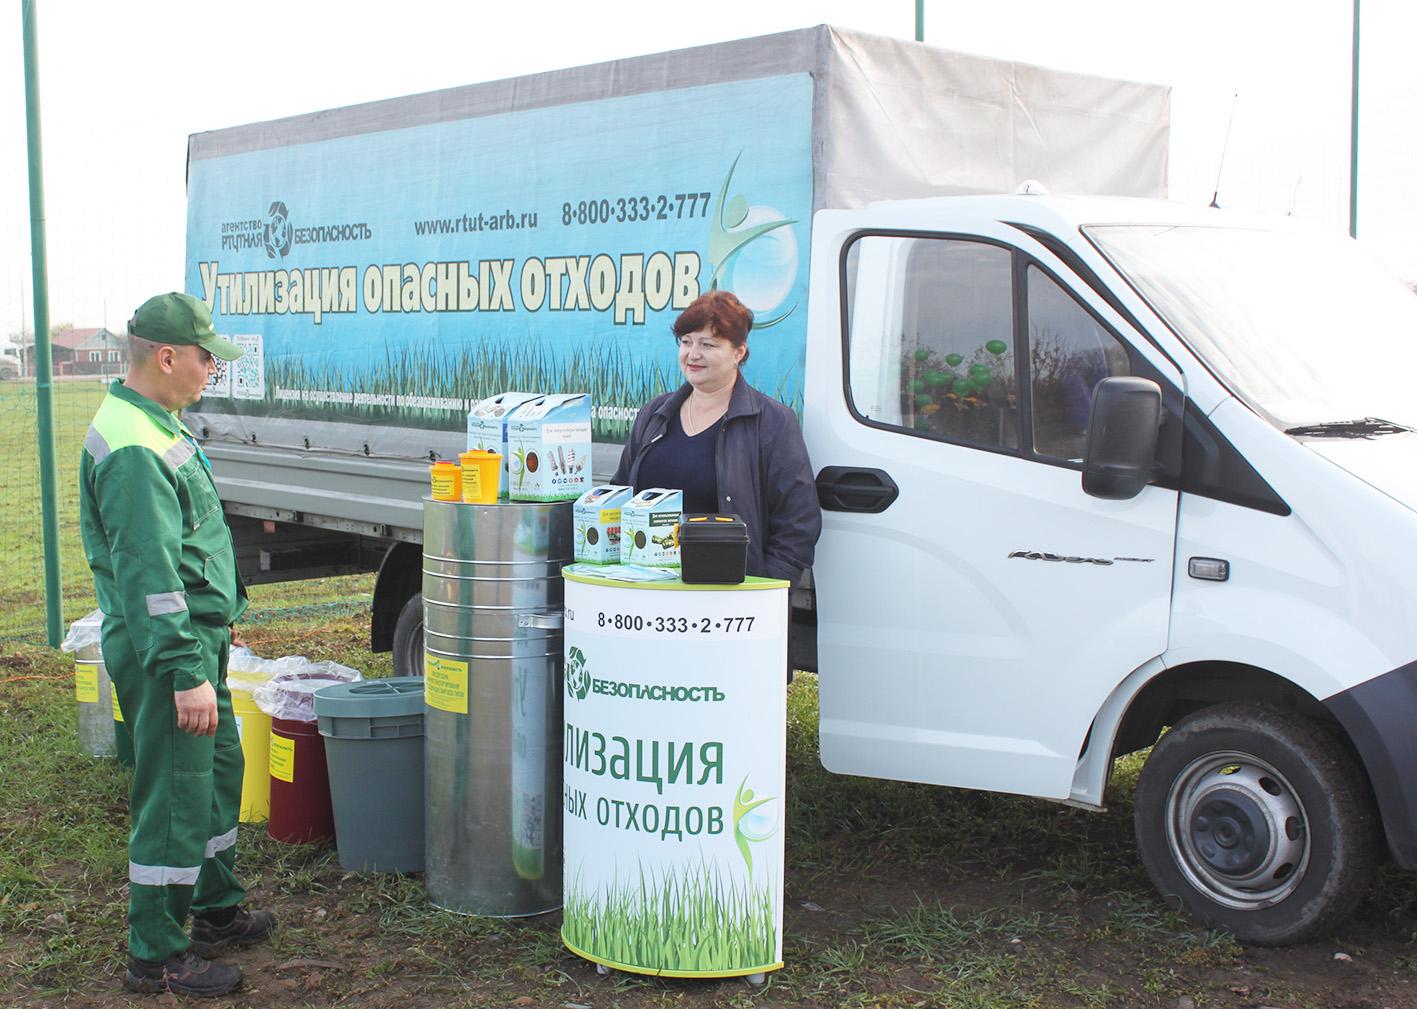 В Абинске пройдет предновогодний экологический марафон